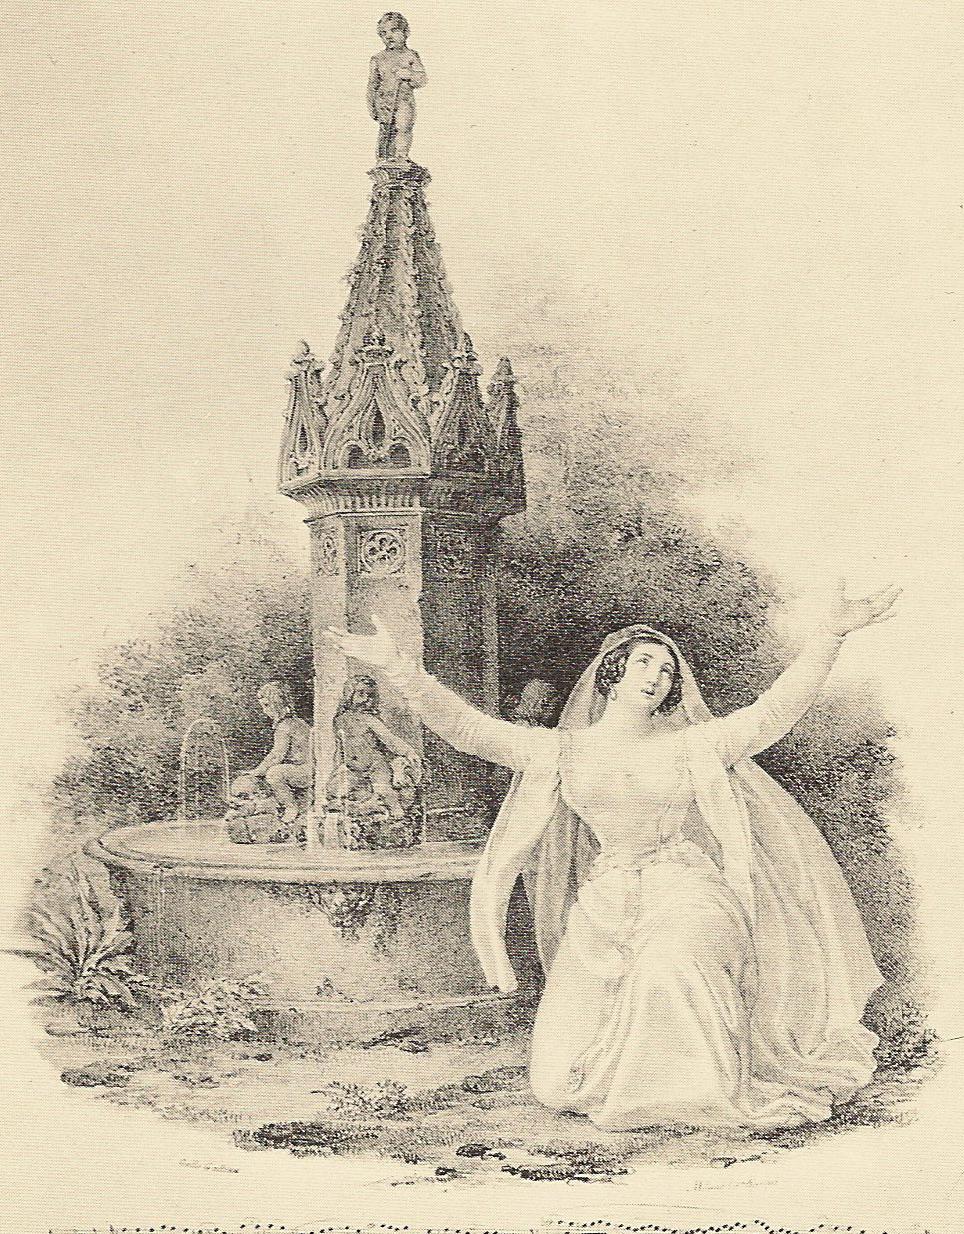 Henriette Meric-Lalande in La Straniera, La Scala 1829